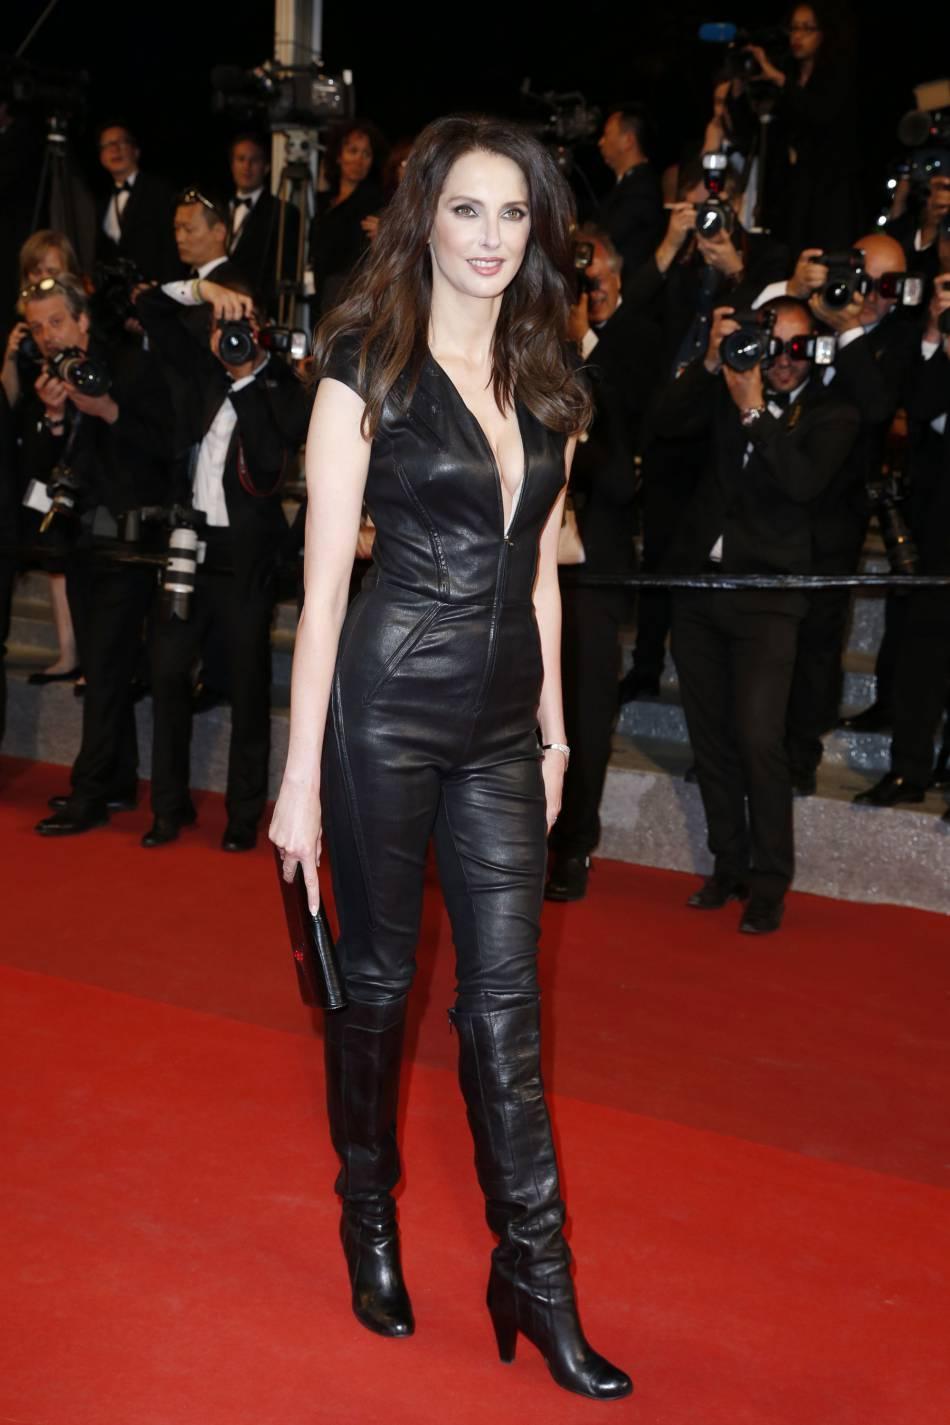 Frédérique Bel s'affichait en divine Catwoman dans une combinaison en cuir.